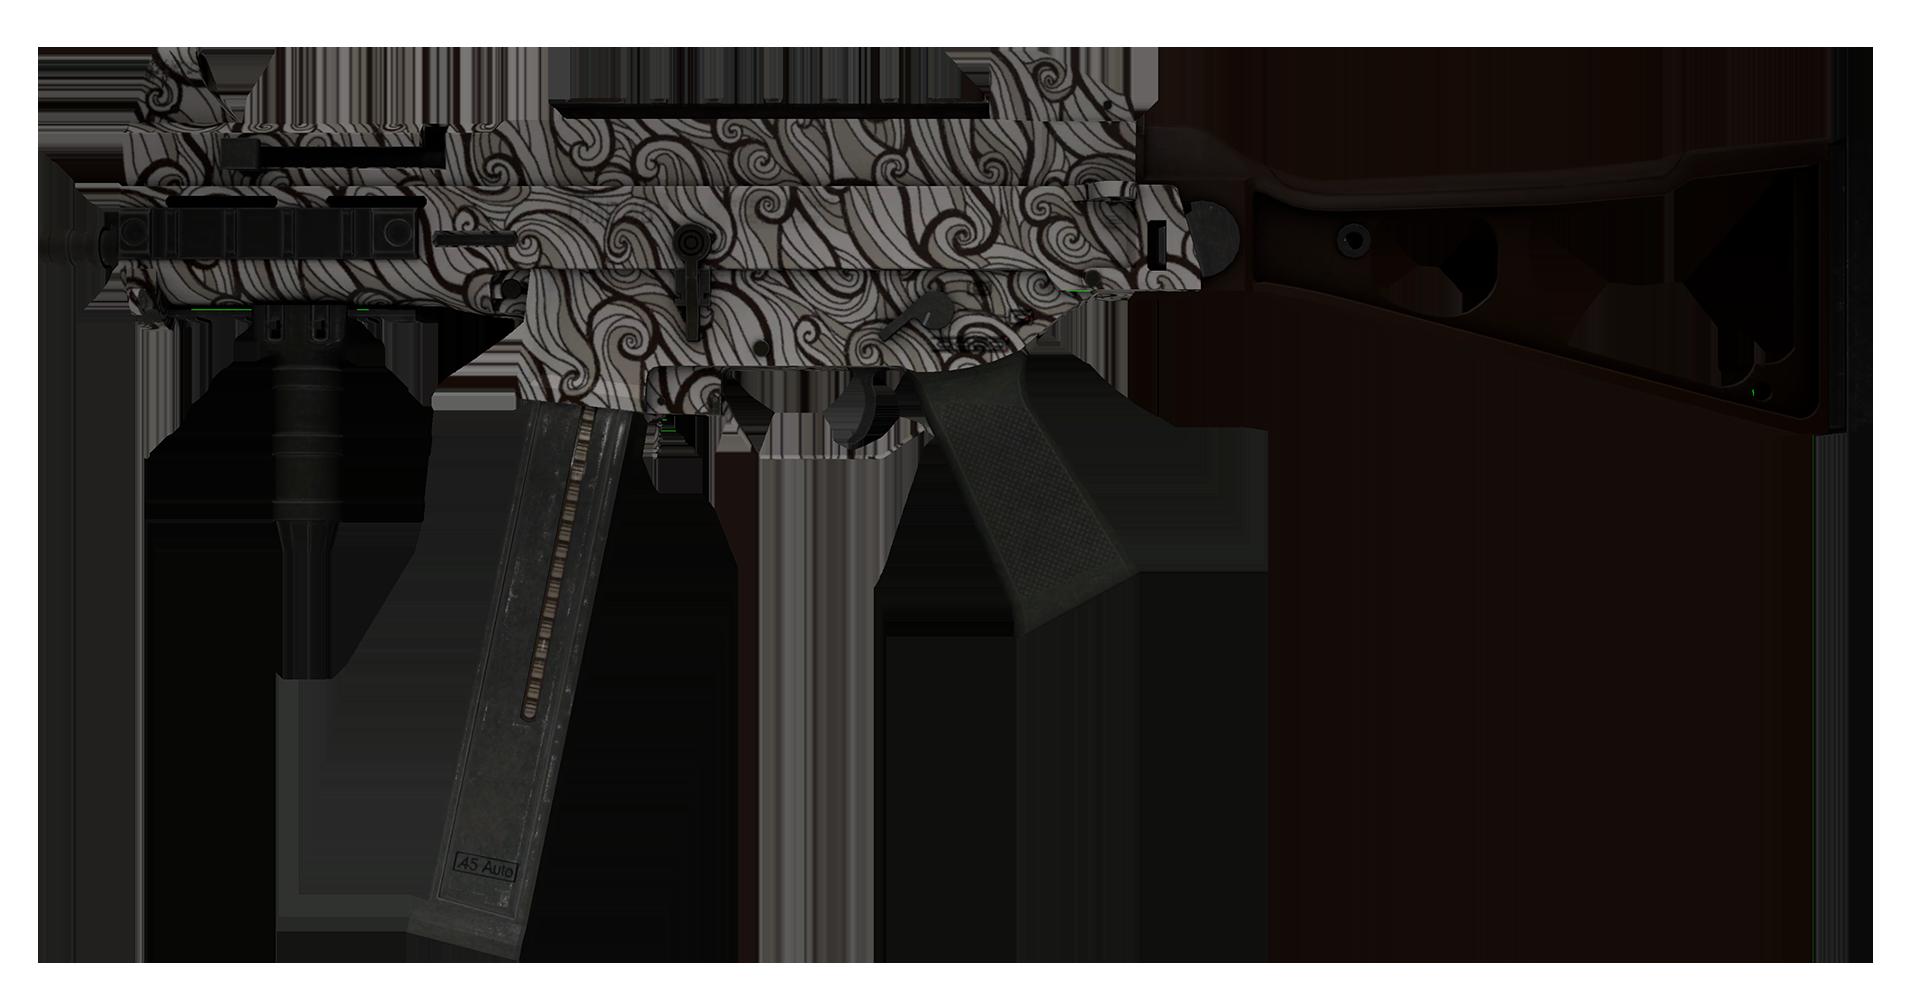 UMP-45 Gunsmoke Large Rendering